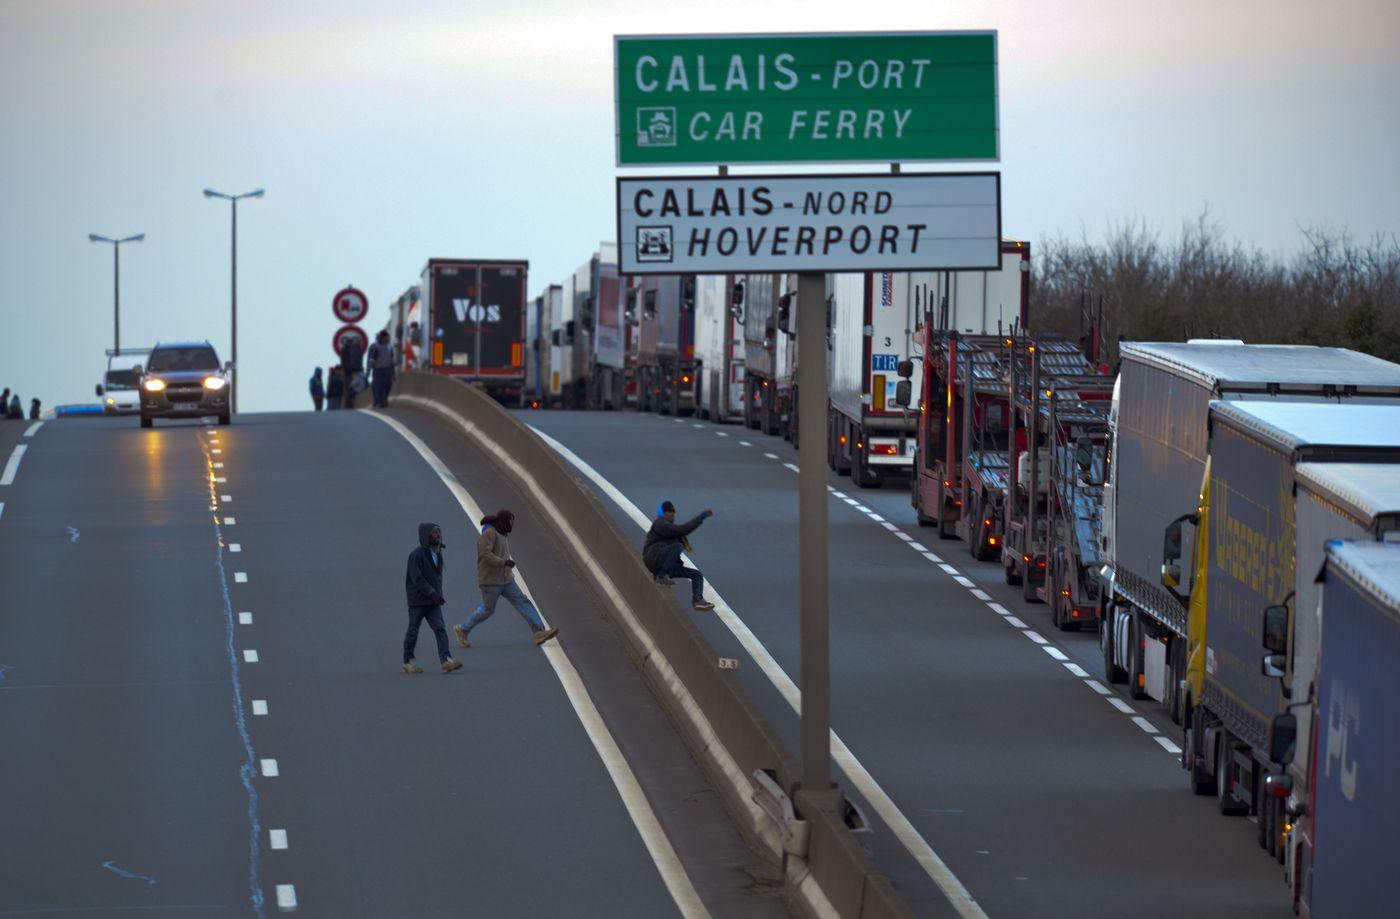 Calais01